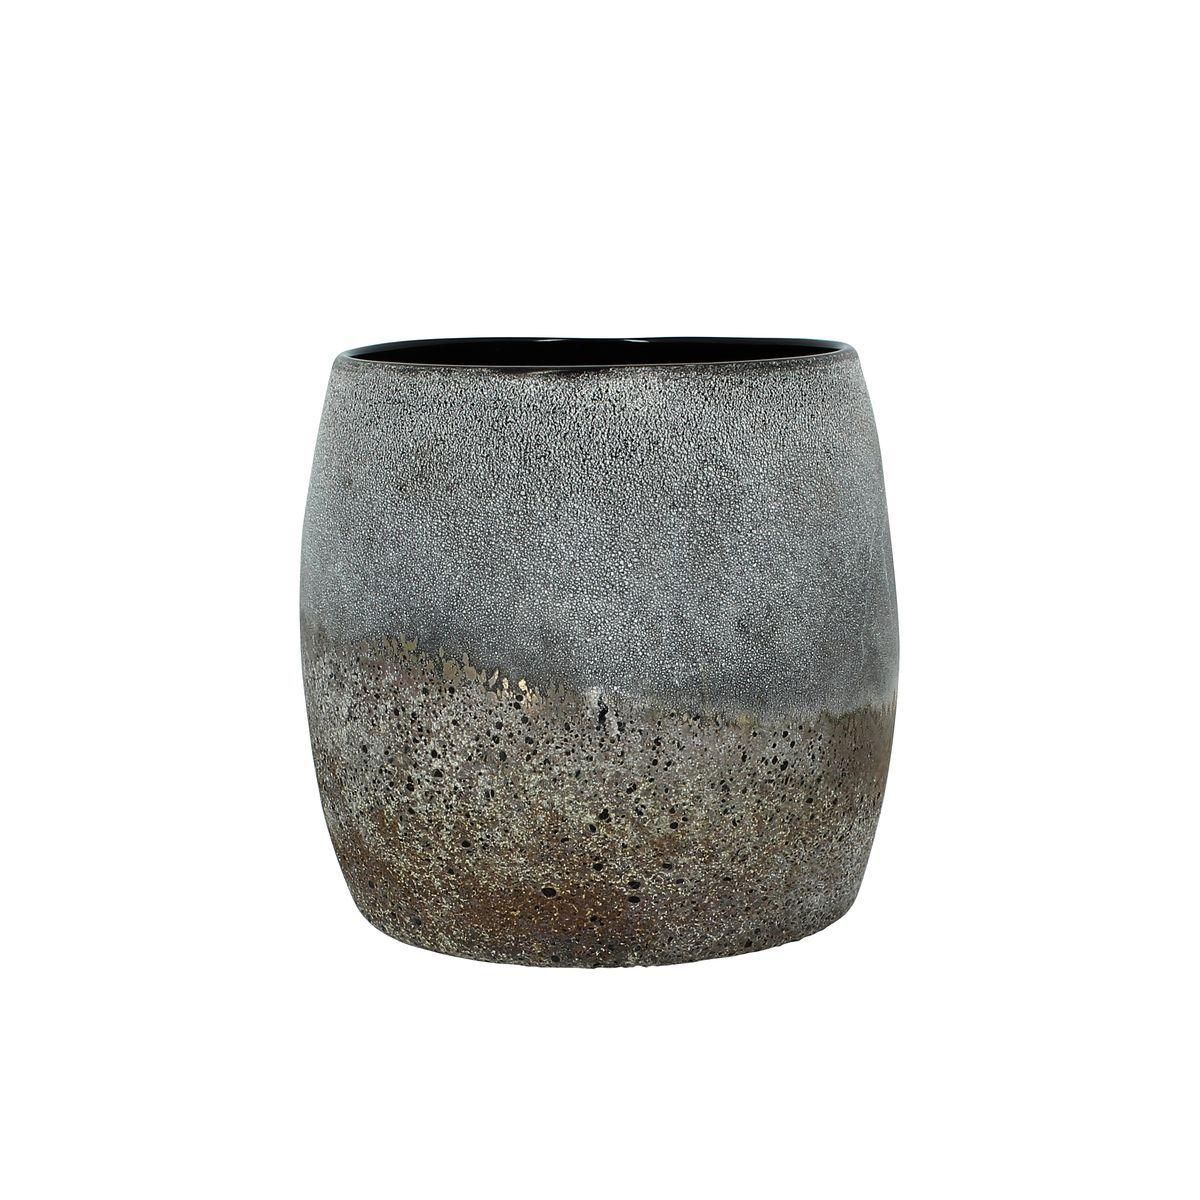 Nows Home Pot en verre gris taupe H16